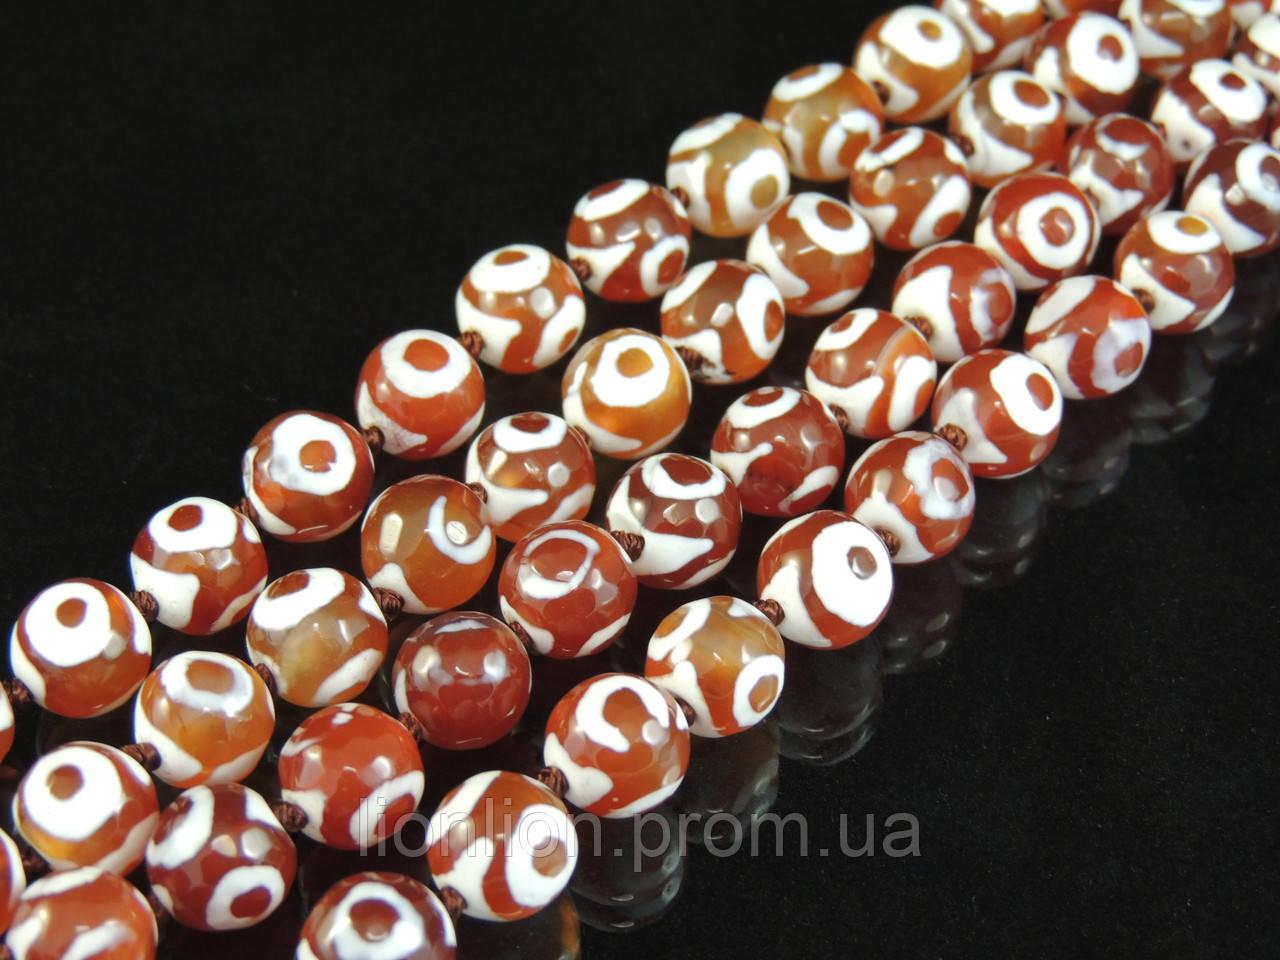 Бусы из глазкового агата,оранжевые,шар 10мм грань